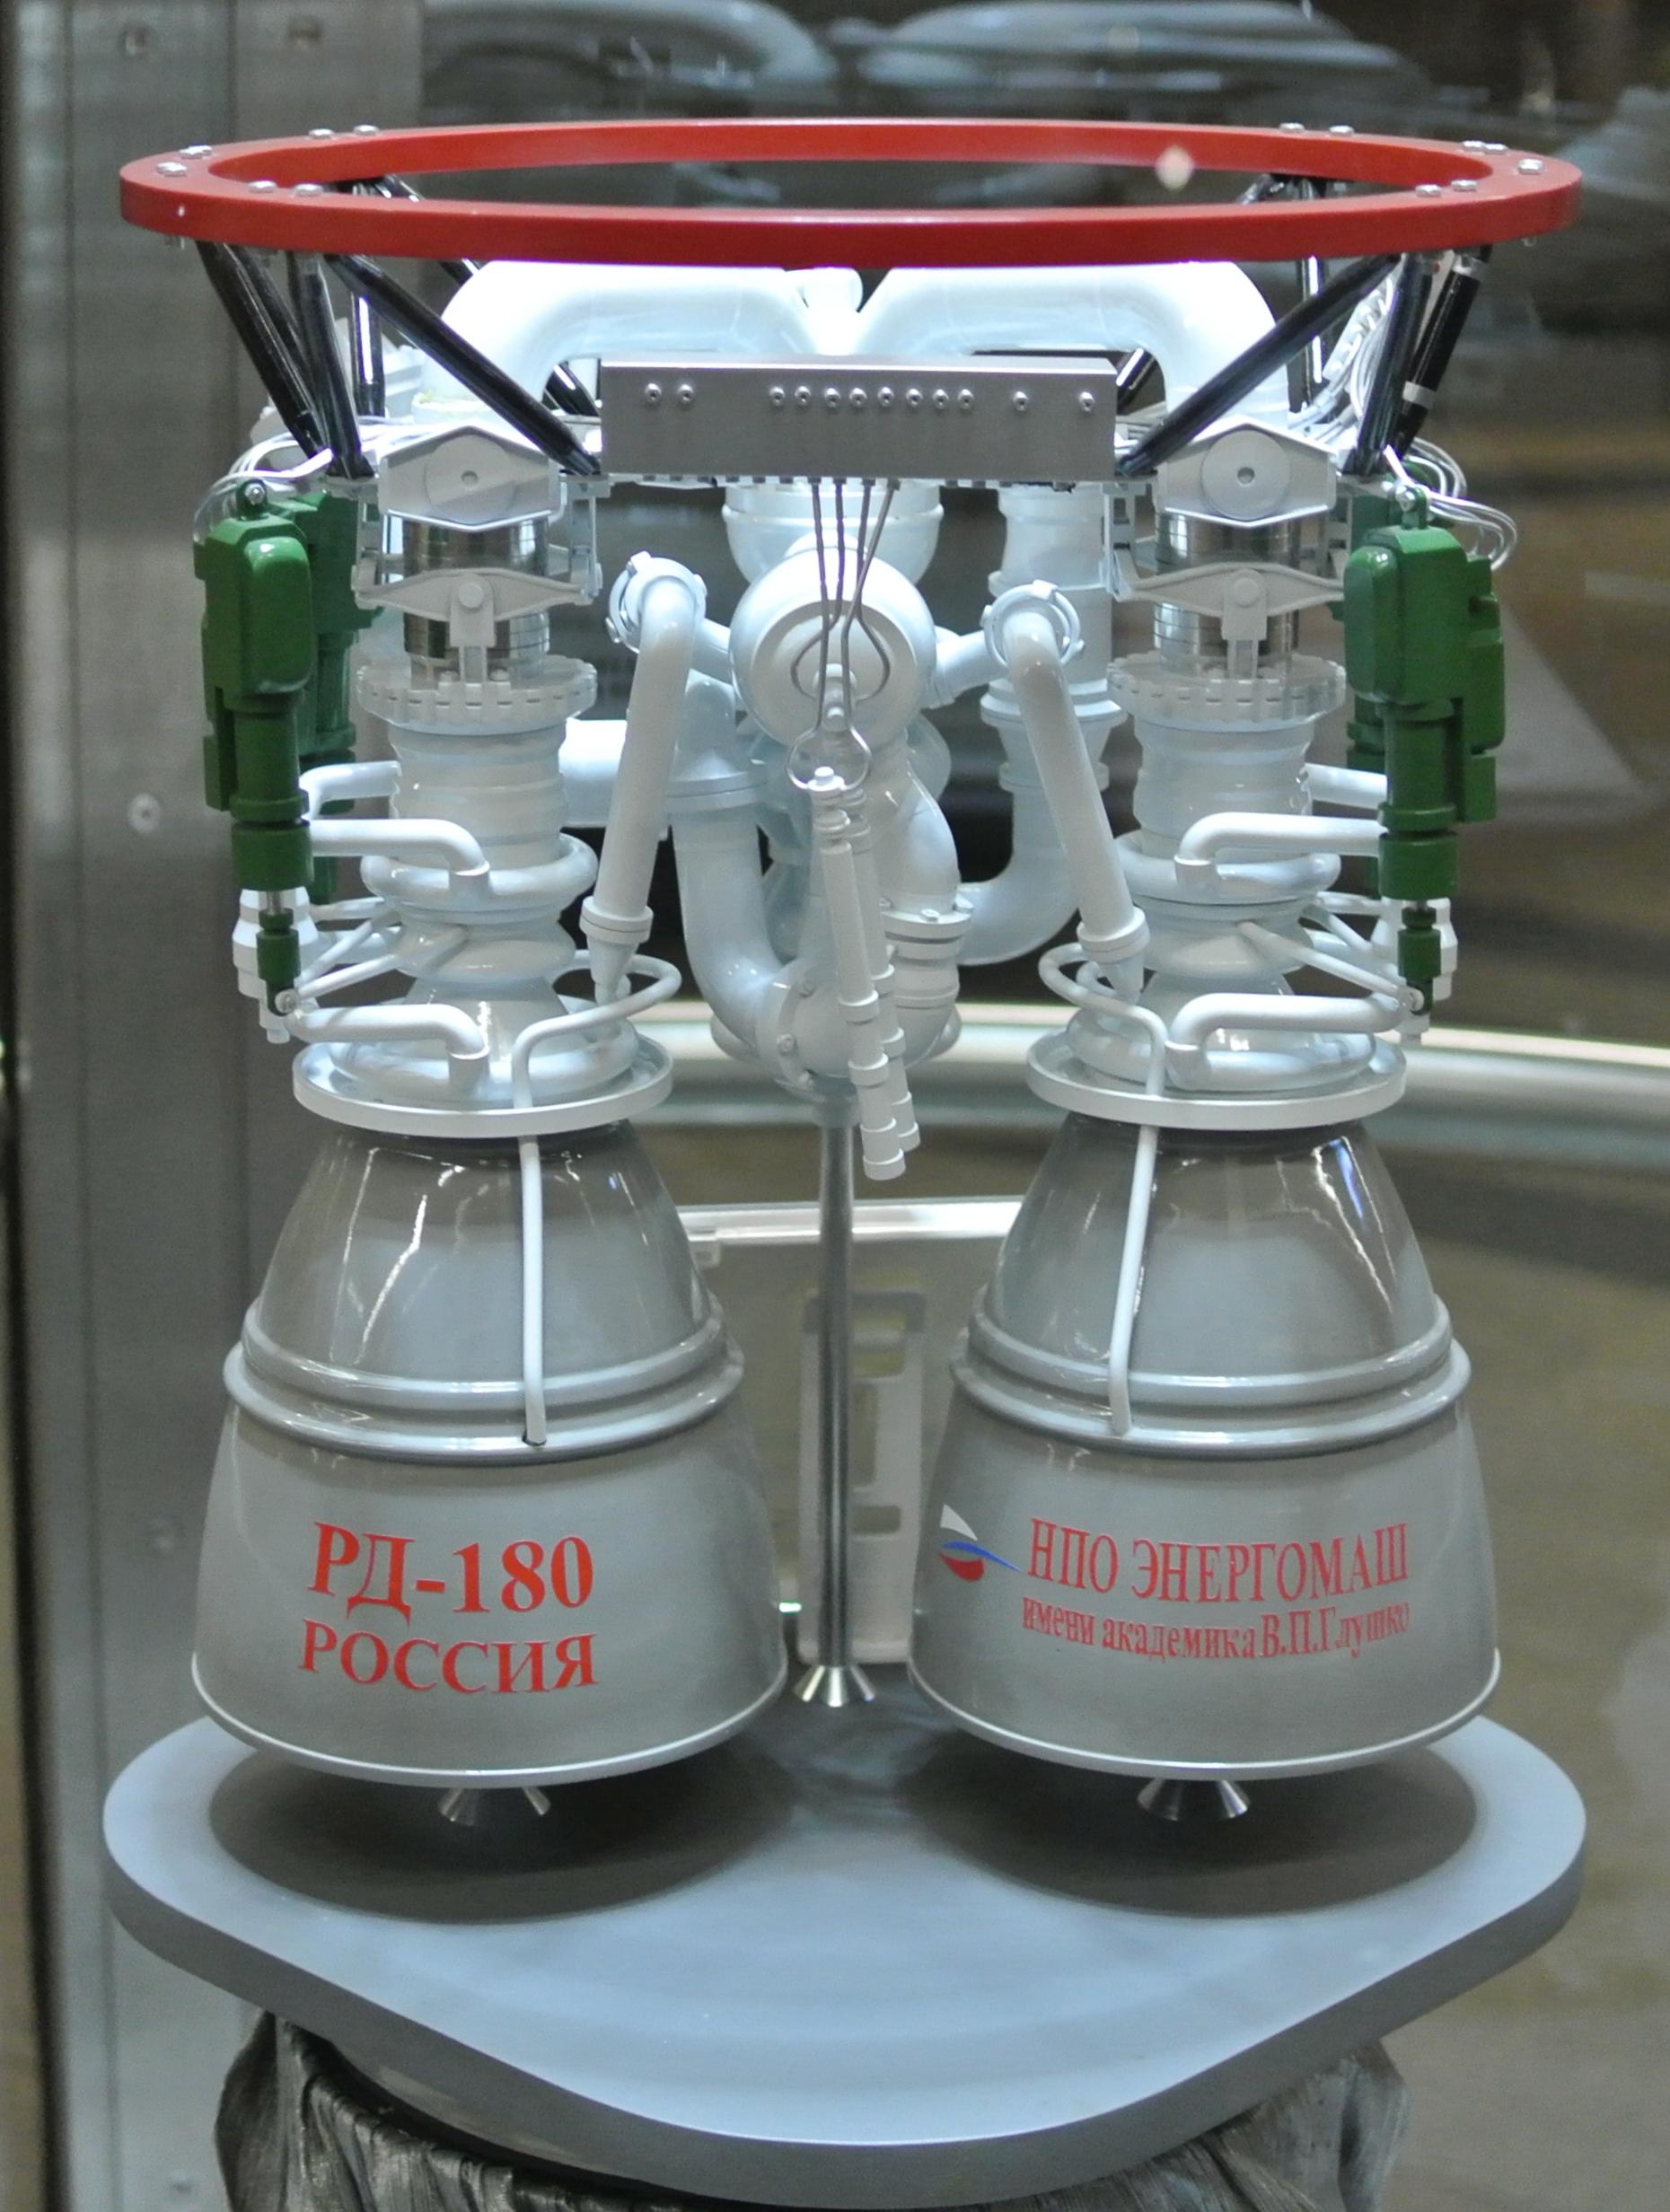 RD180 model